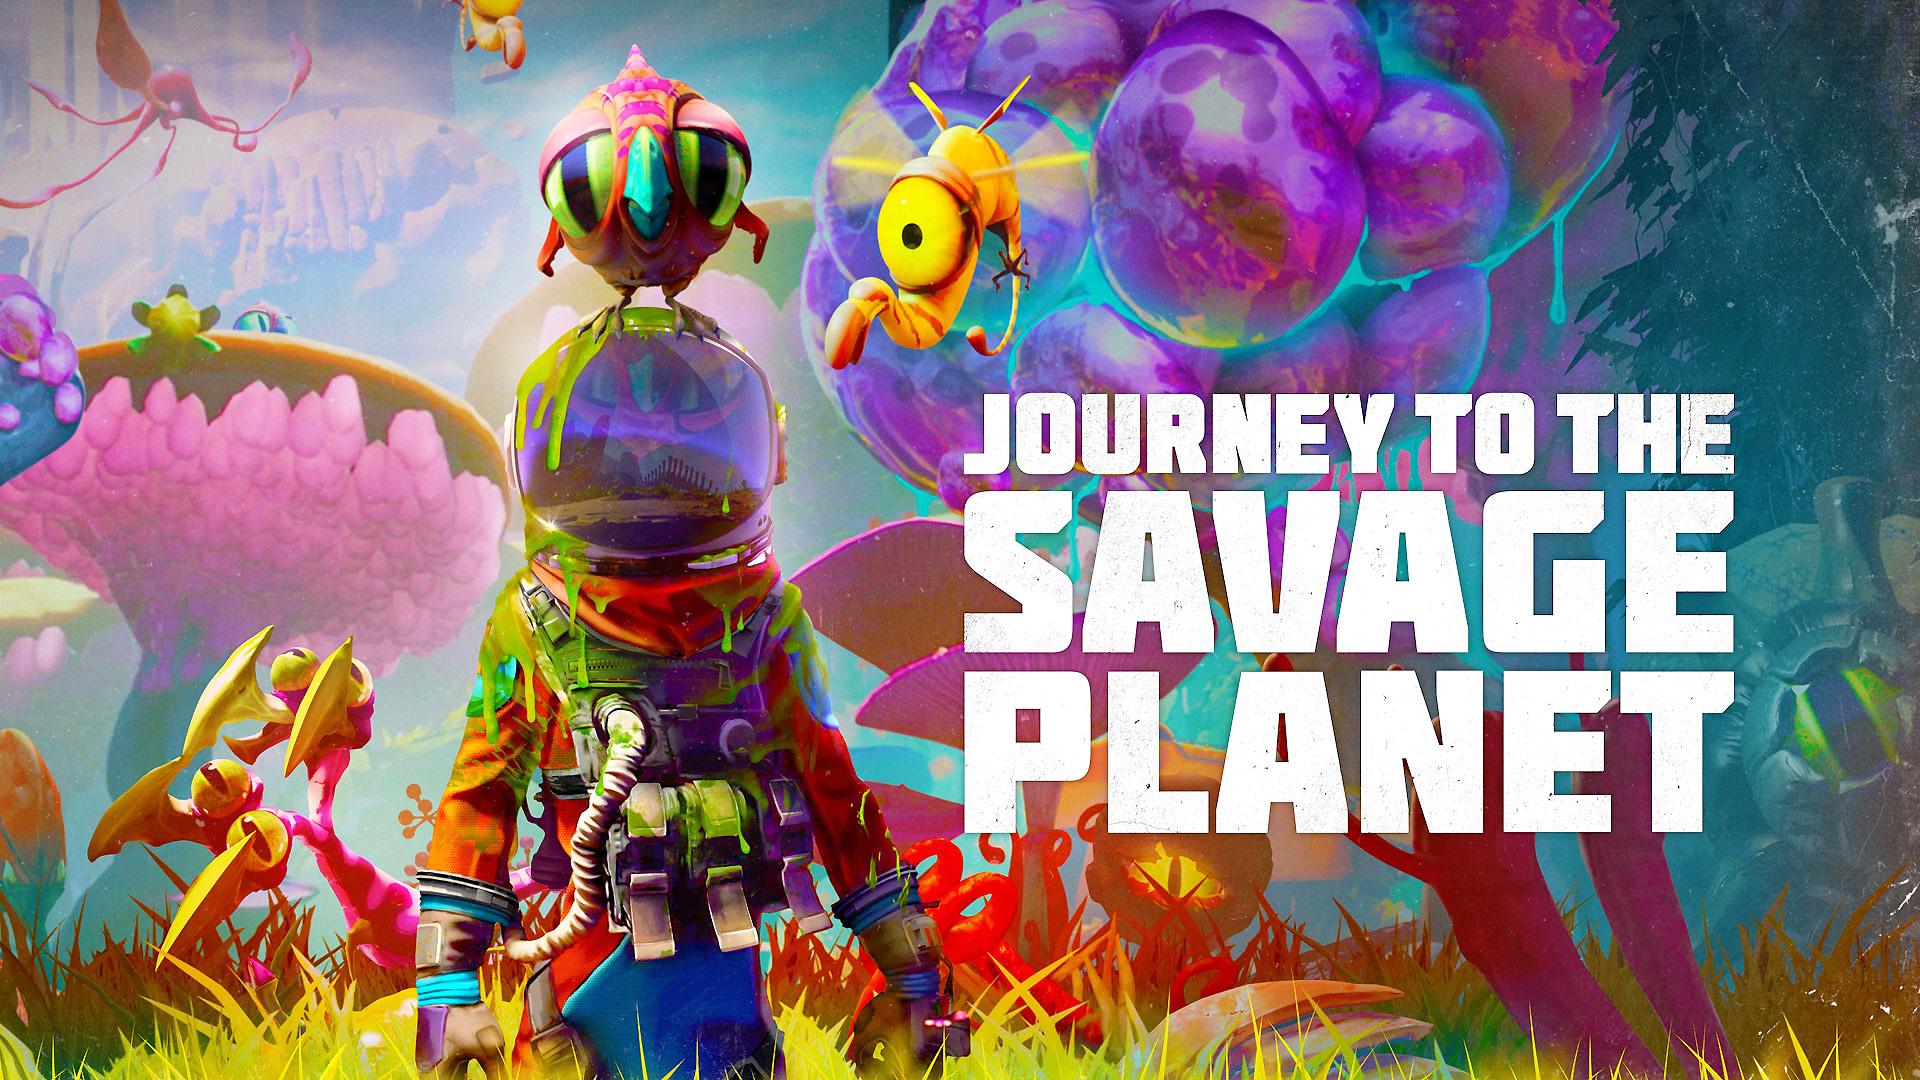 Постер Journey to the Savage Planet